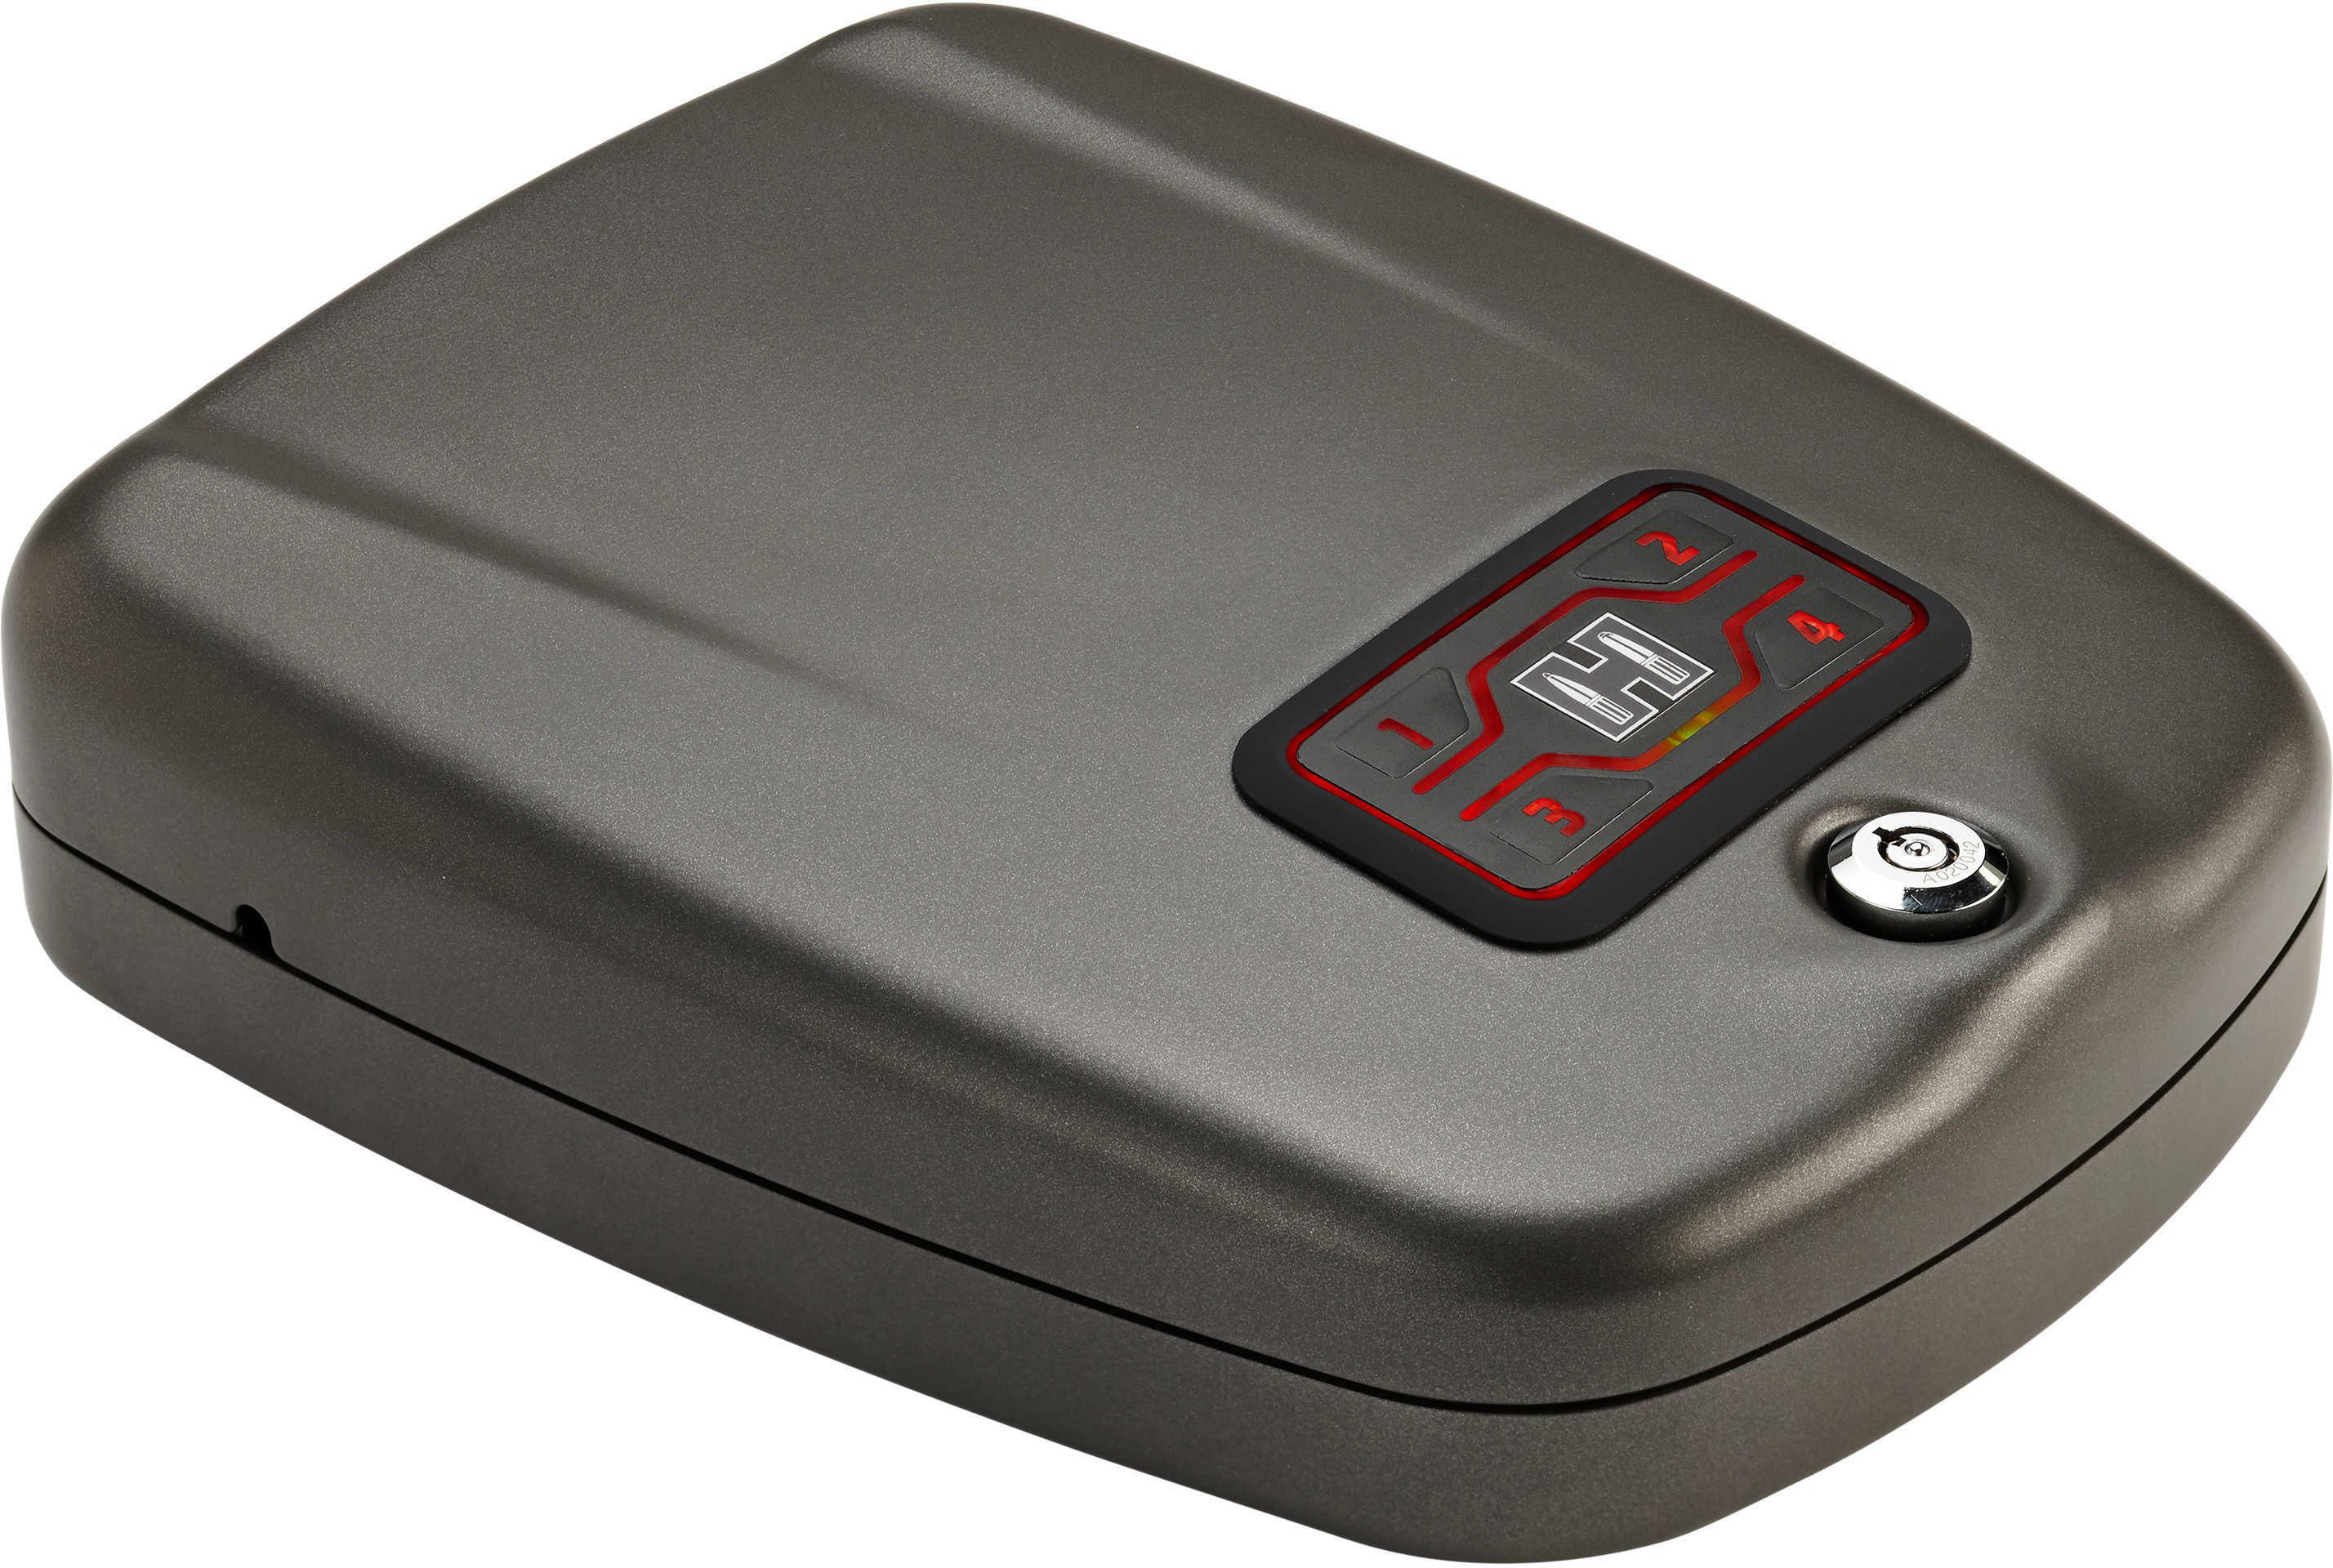 Hornady Rapid Safe Pistol/Handguns, 14 Gauge Steel, 4 Security Options Md: 98177